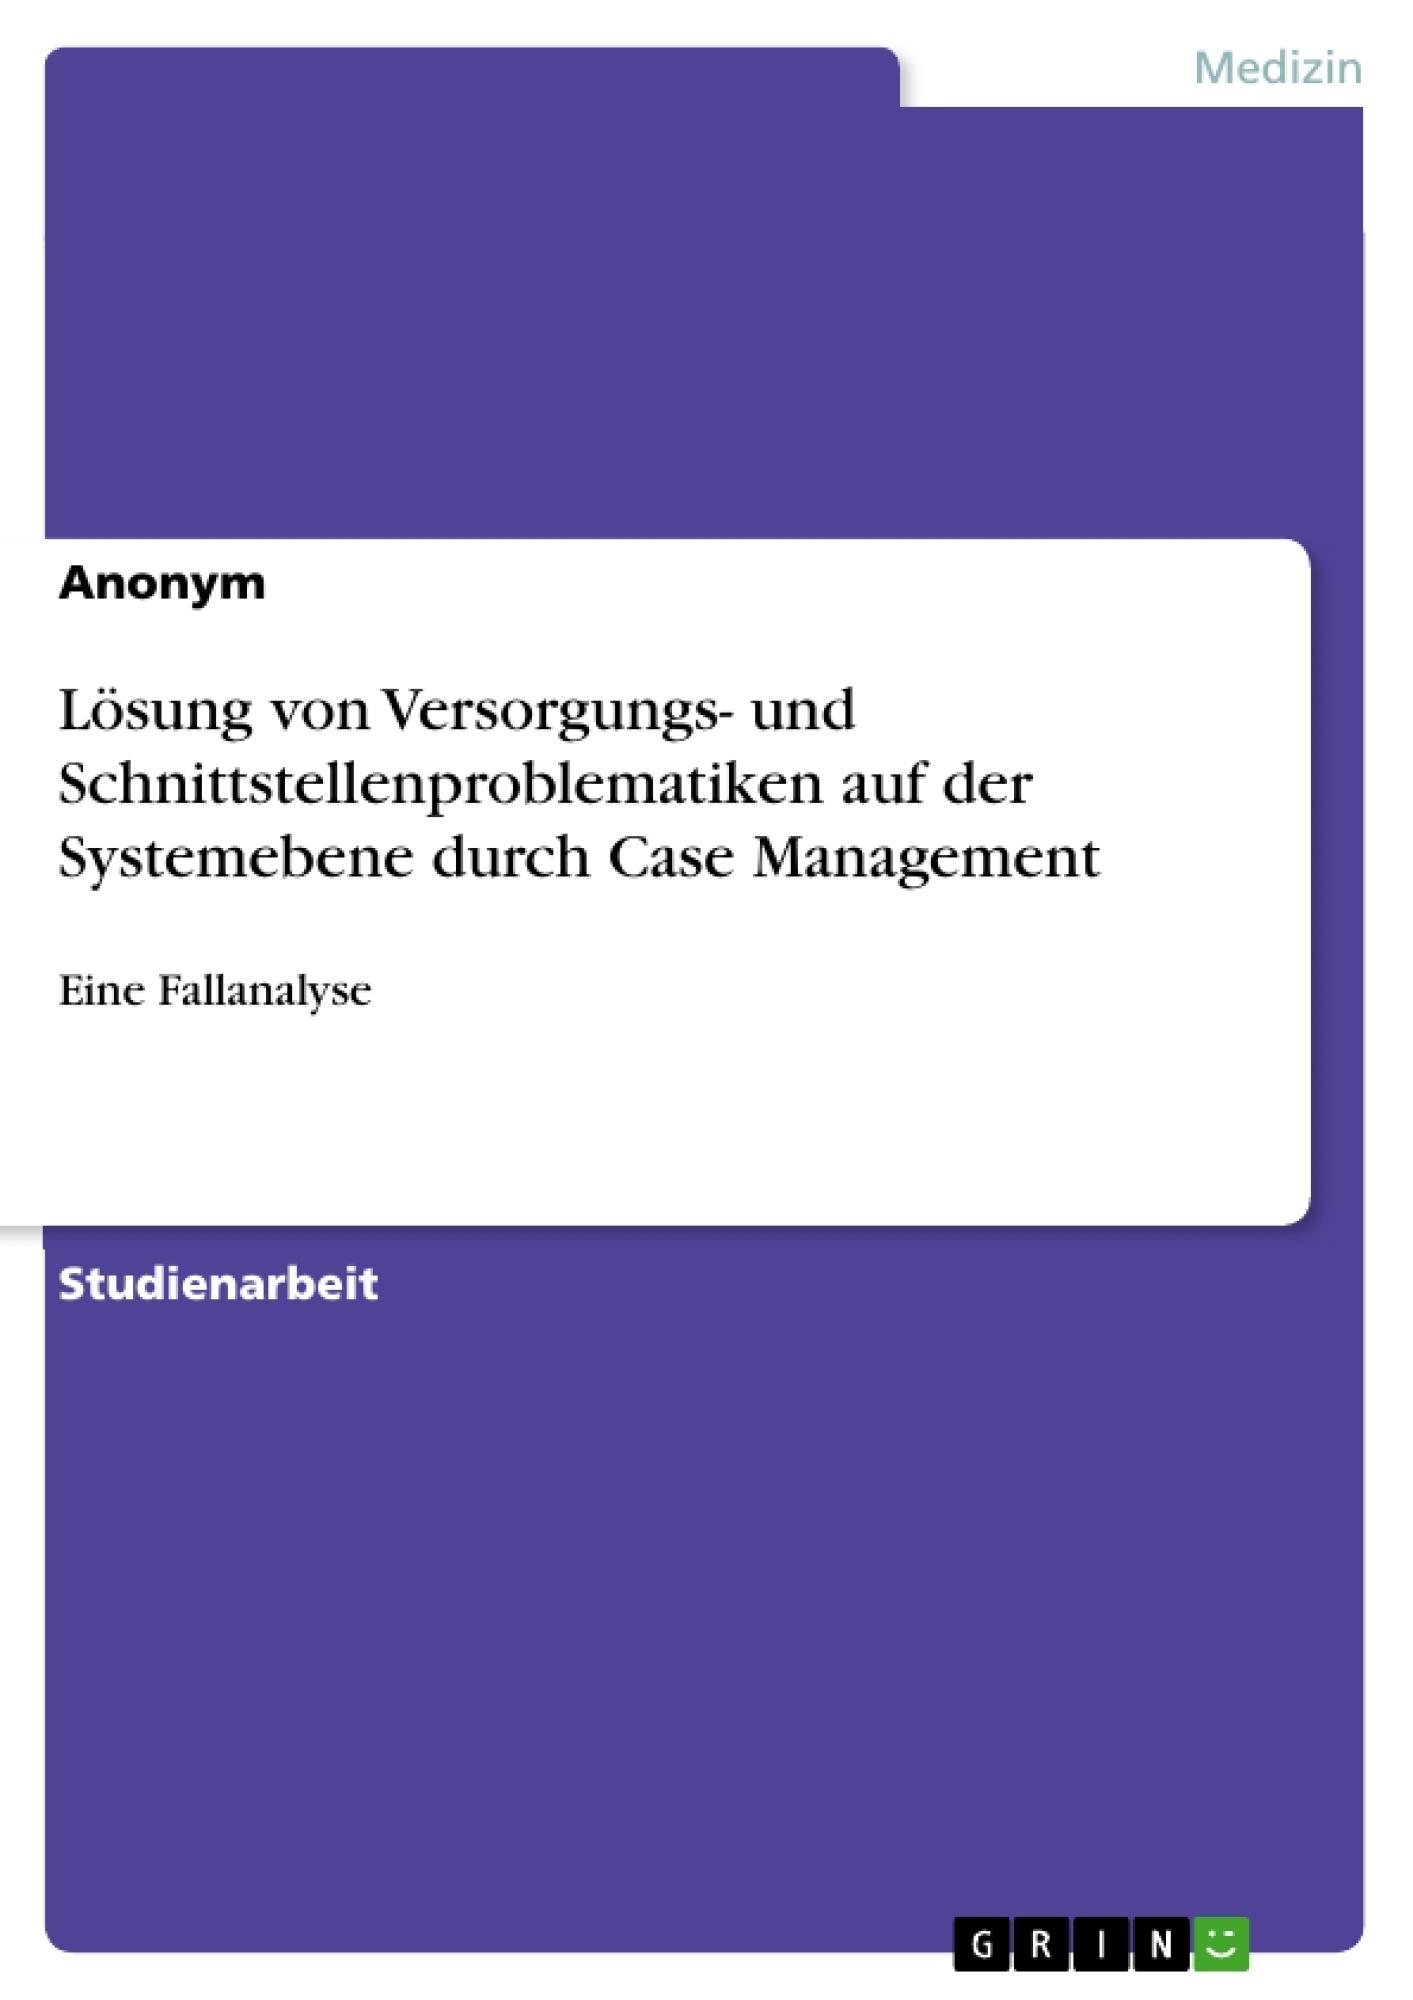 Titel: Lösung von Versorgungs- und Schnittstellenproblematiken auf der Systemebene durch Case Management